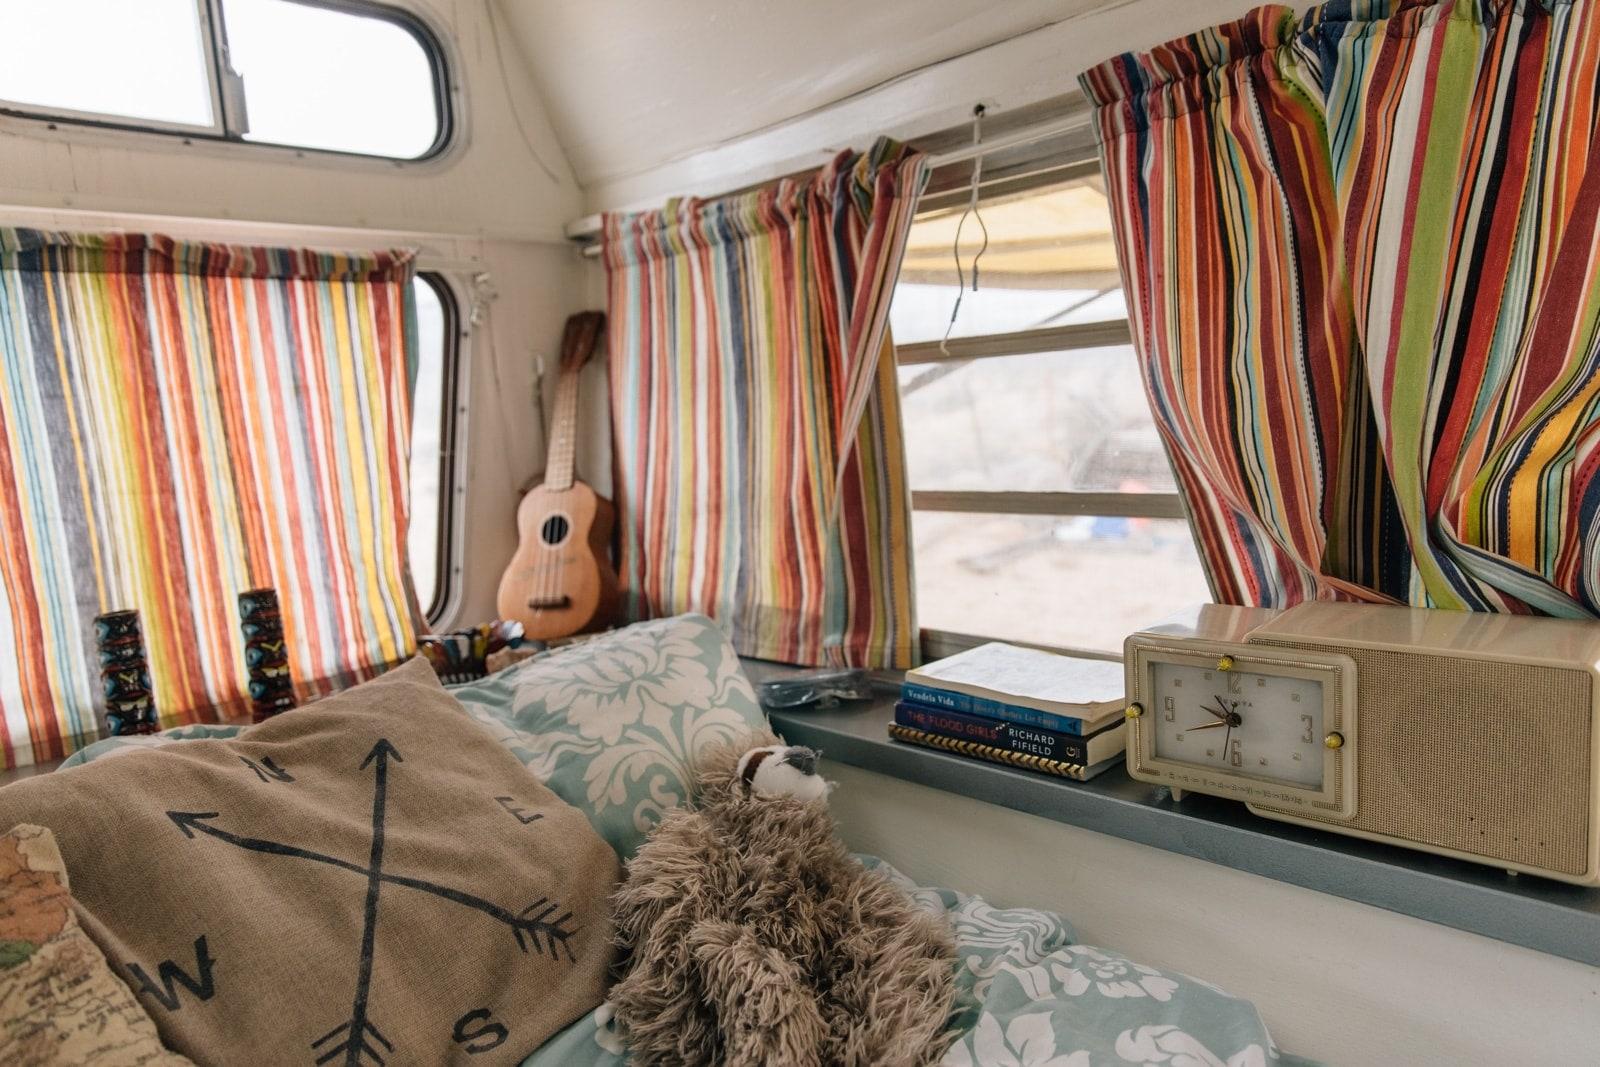 Vanvaya - Photographed pepole that live in their vans or trailers for Vanvaya.